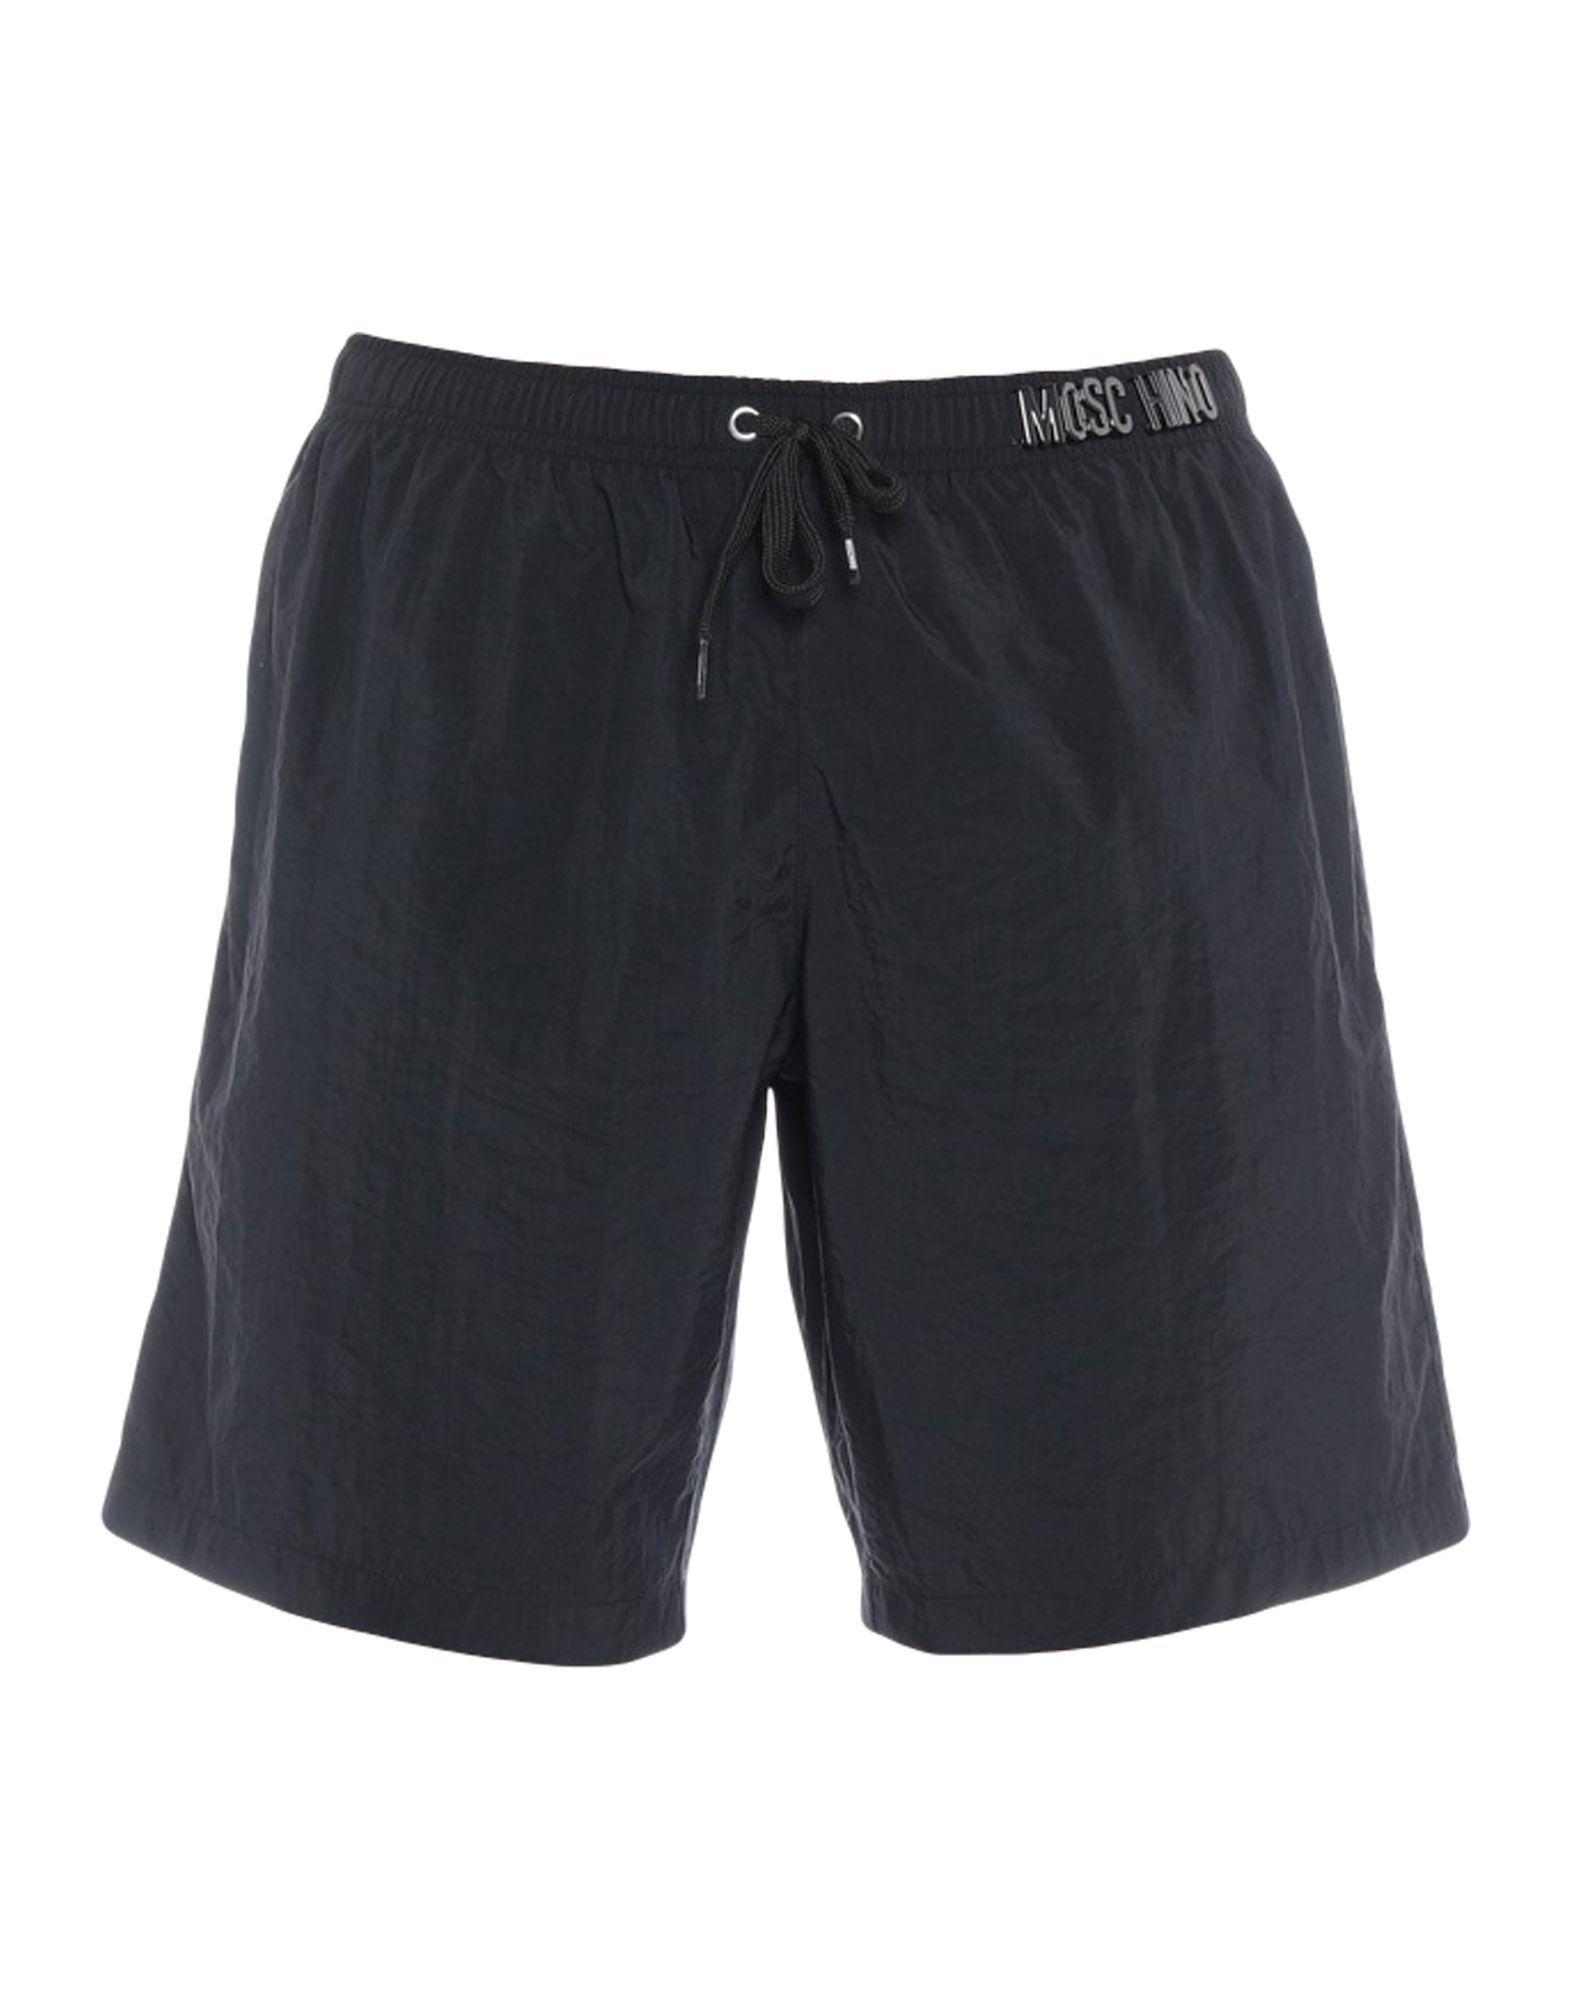 Boxer Mare Mos no uomo - 47229737XQ 47229737XQ  Großhandelspreis und zuverlässige Qualität